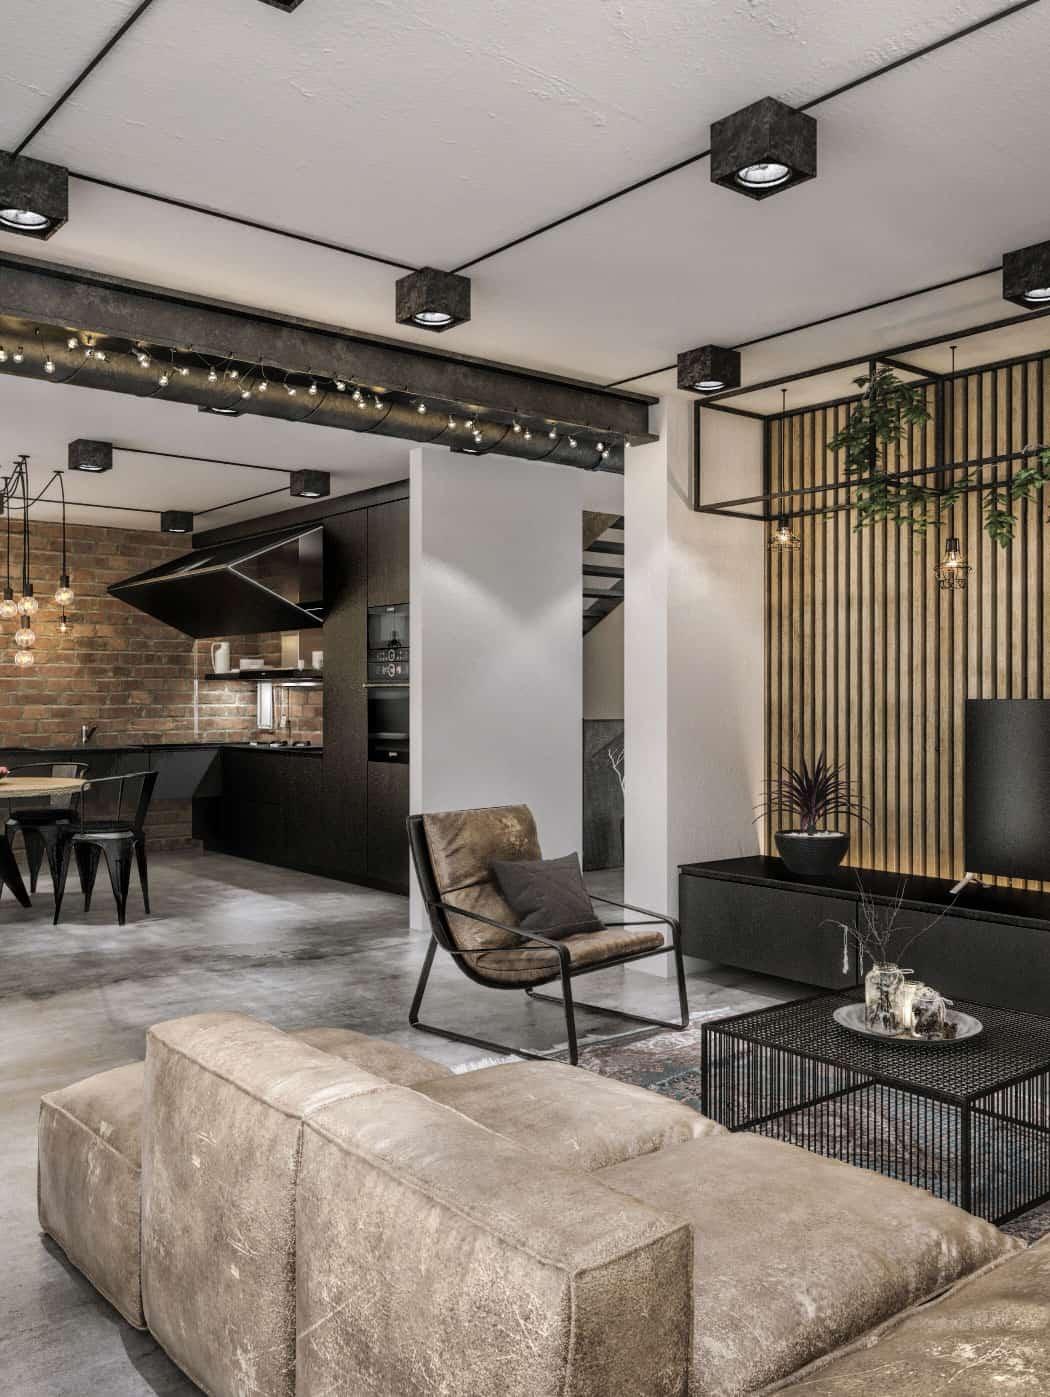 Modern Loft by Idwhite (1)